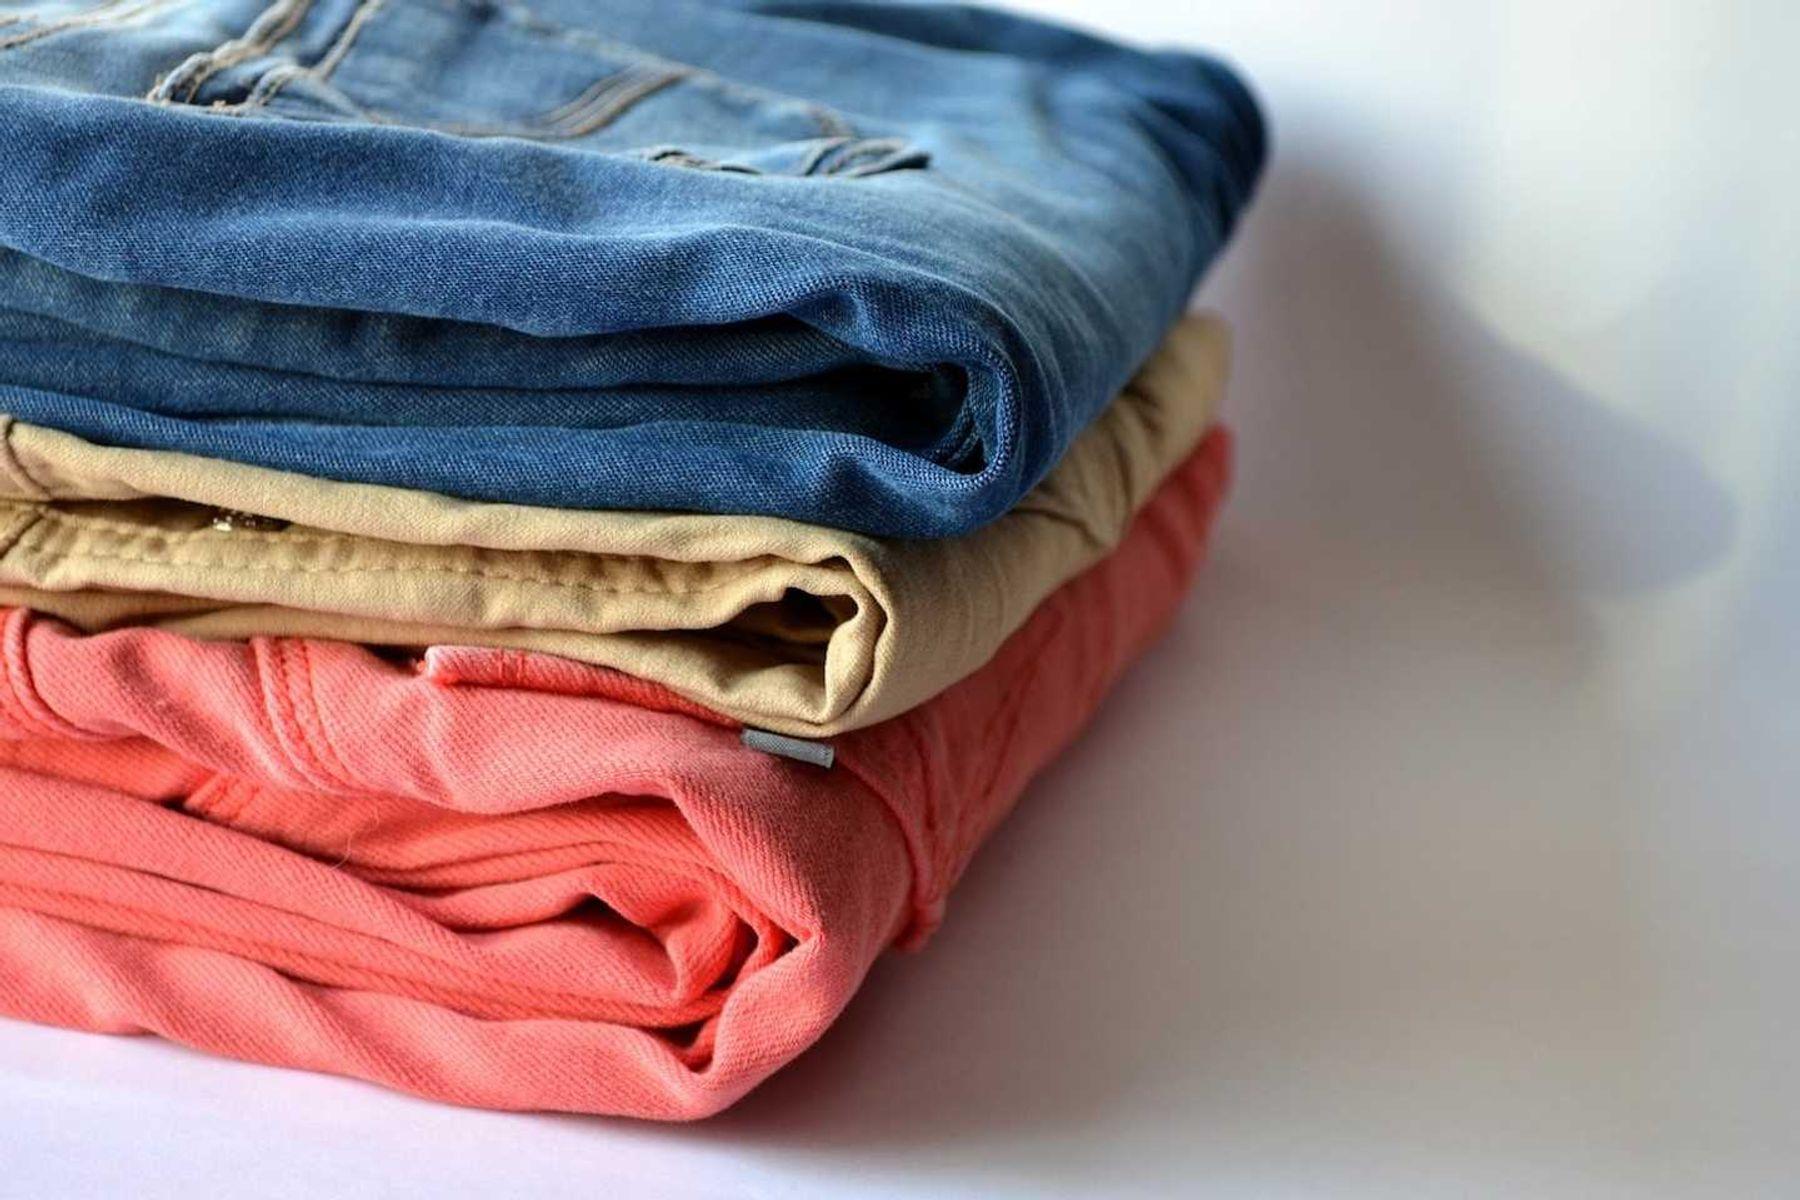 Calças jeans coloridas empilhadas